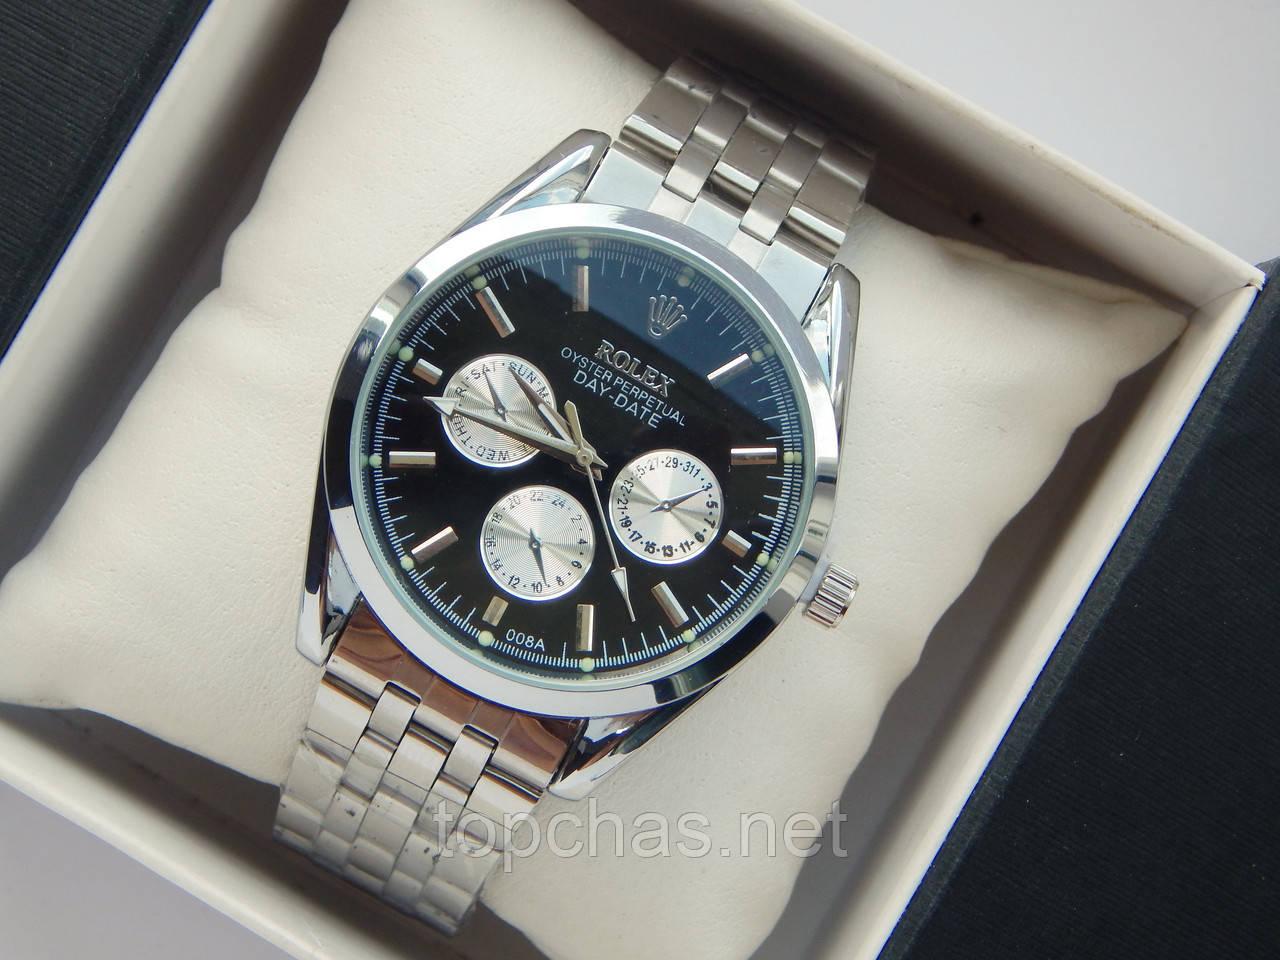 Мужские кварцевые наручные часы Rolex на металлическом ремешке ... 67e08681017